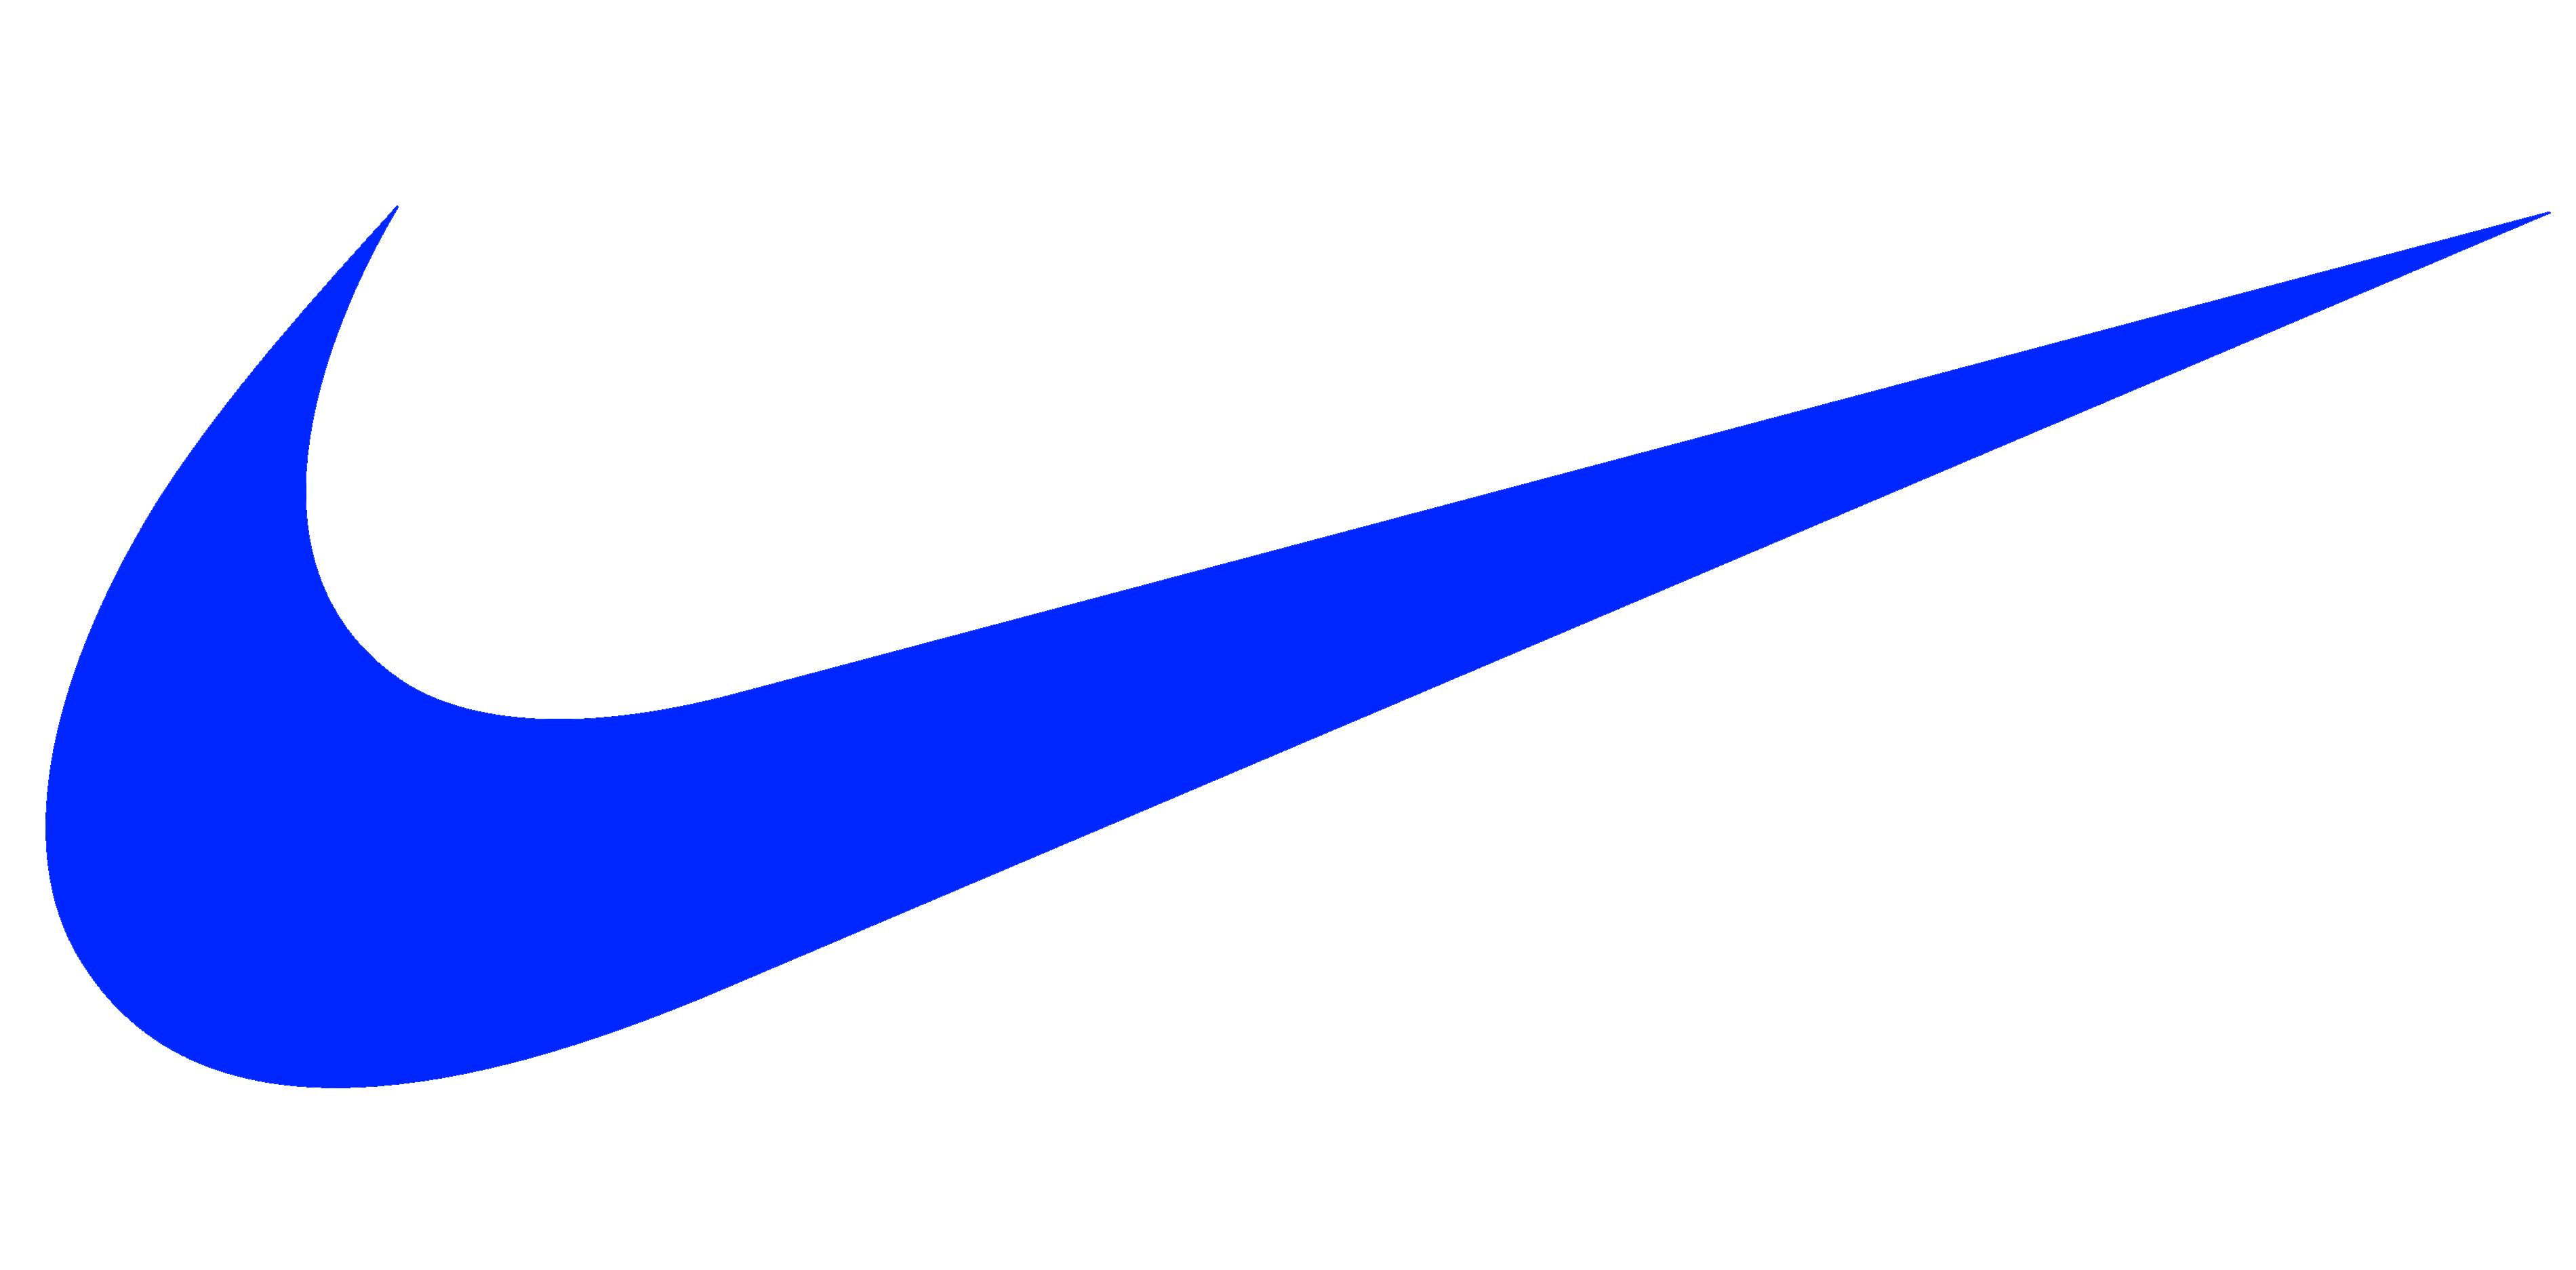 Nike HD PNG - 90918